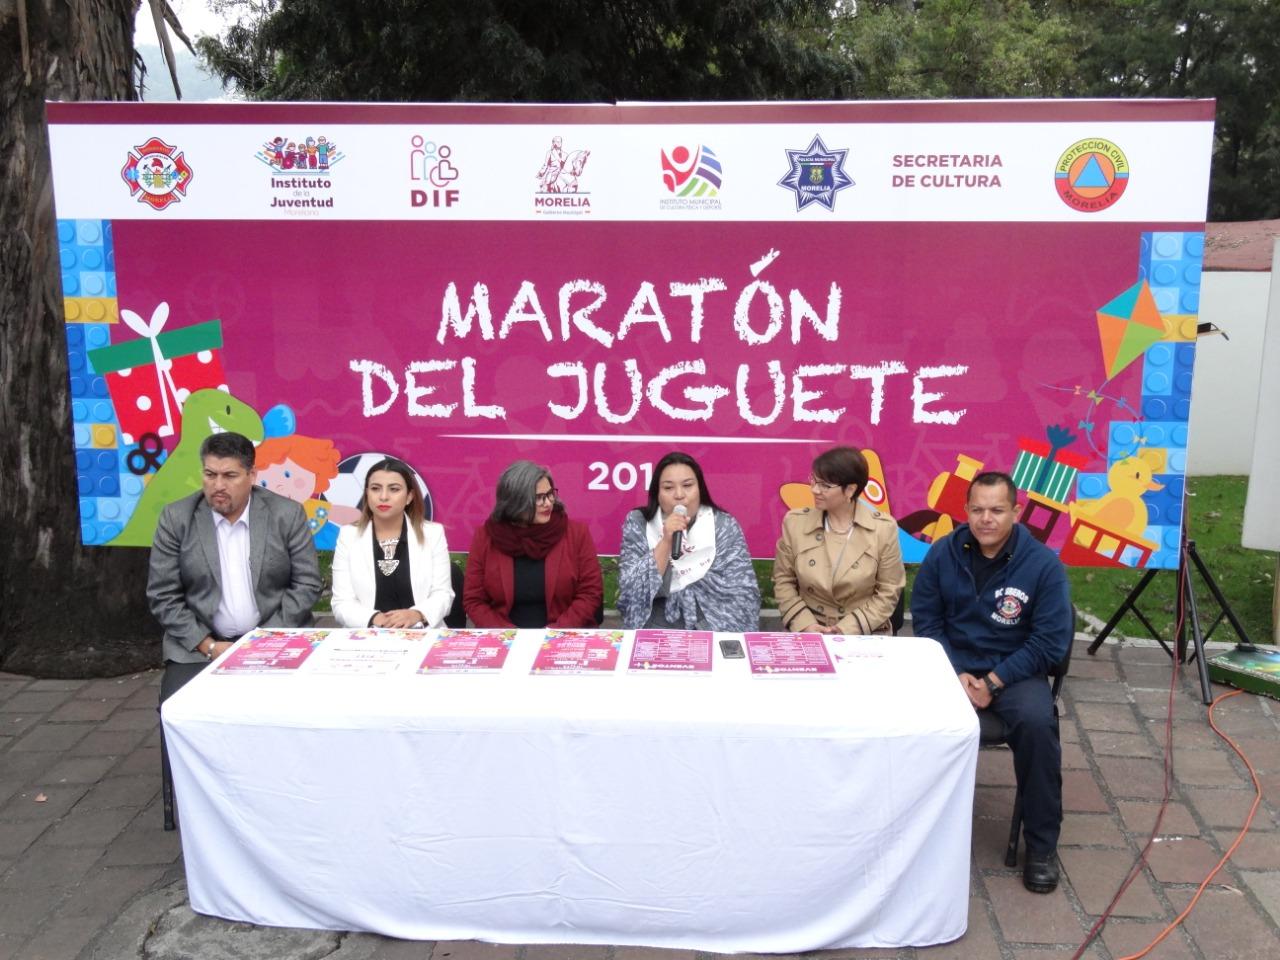 Ayuntamiento de Morelia invita al Maratón del Juguete.